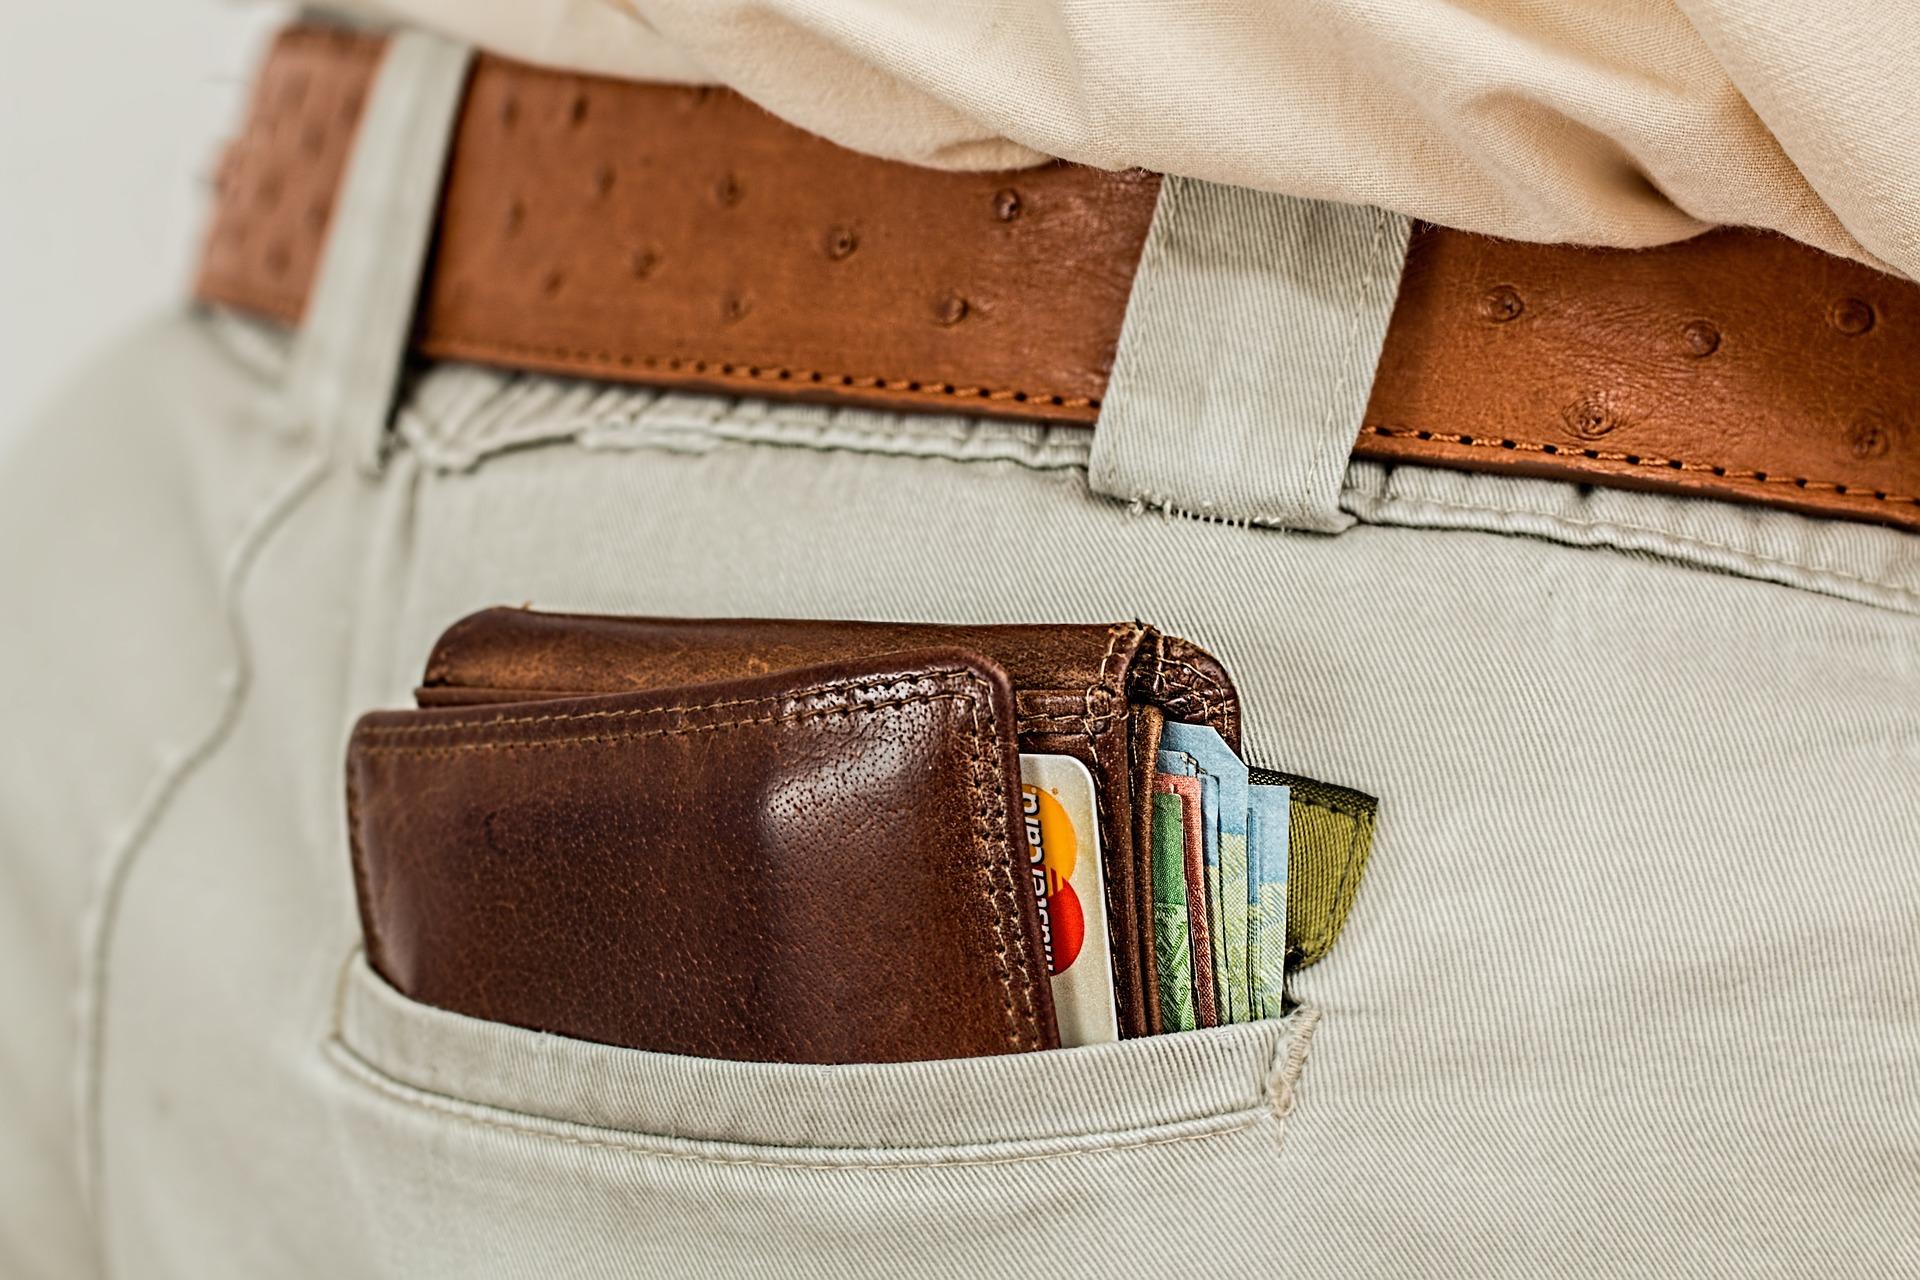 ポケットに財布